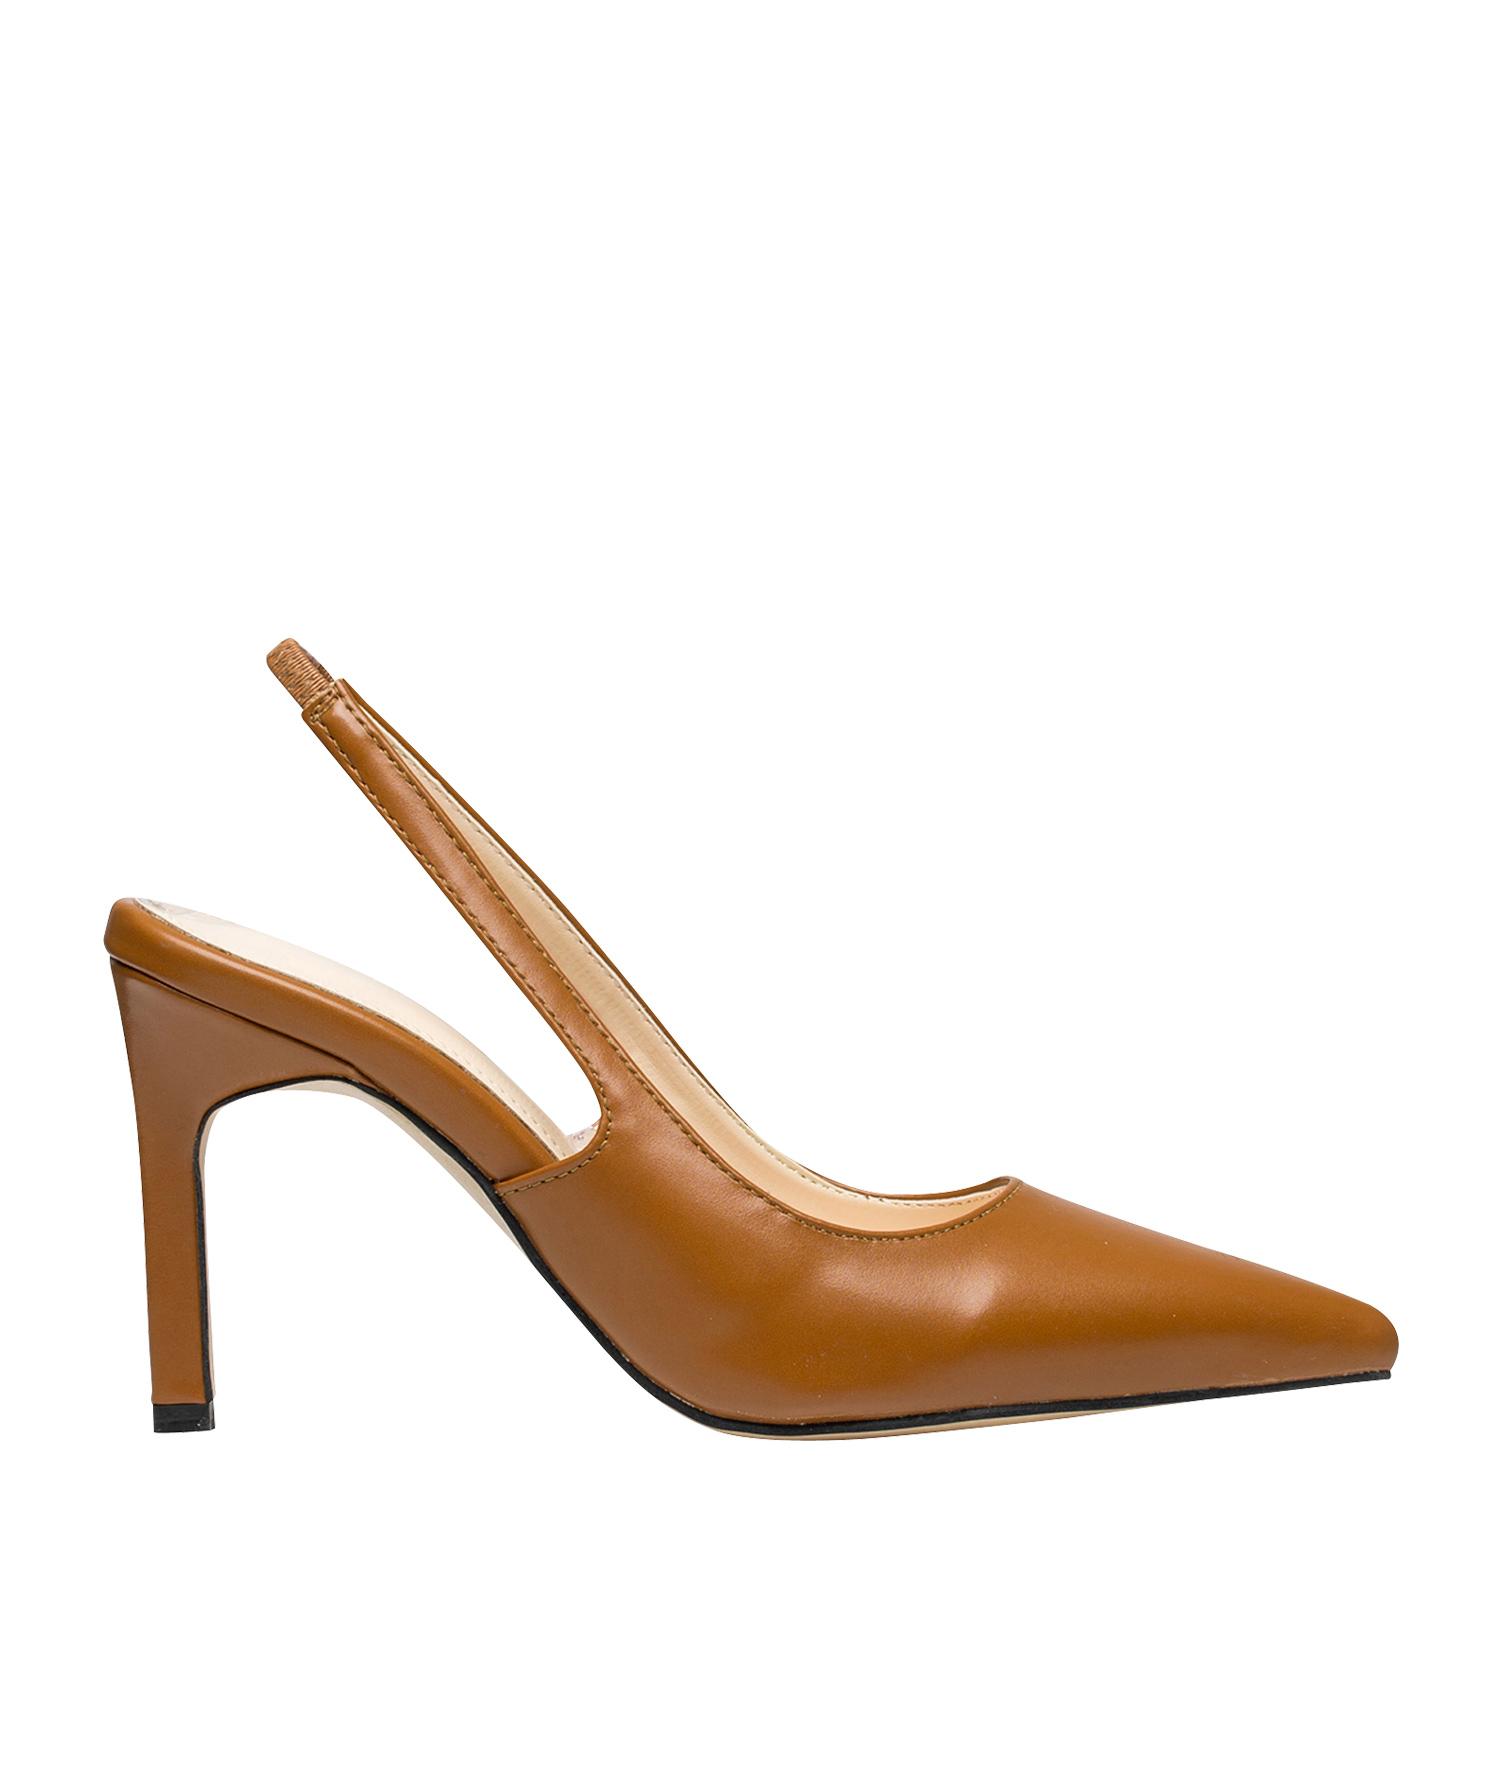 94872c67b AnnaKastle Womens Sleek Closed Toe Slingback Heels Brown